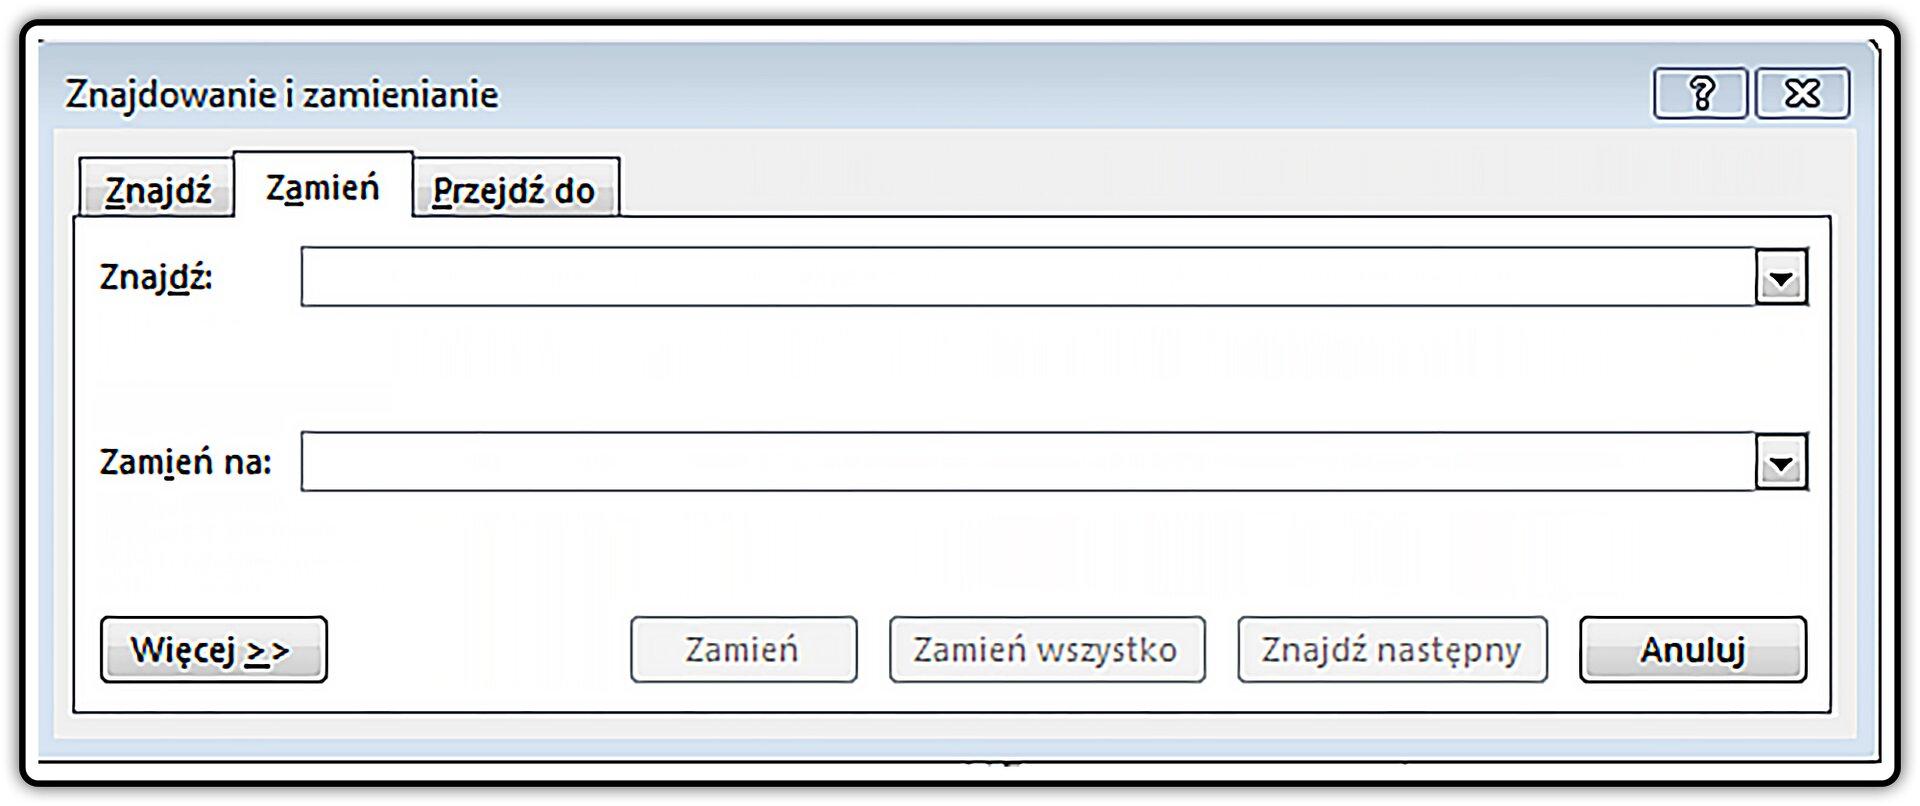 Zrzut okna: Znajdowanie izamienianie wprogramie MS Word